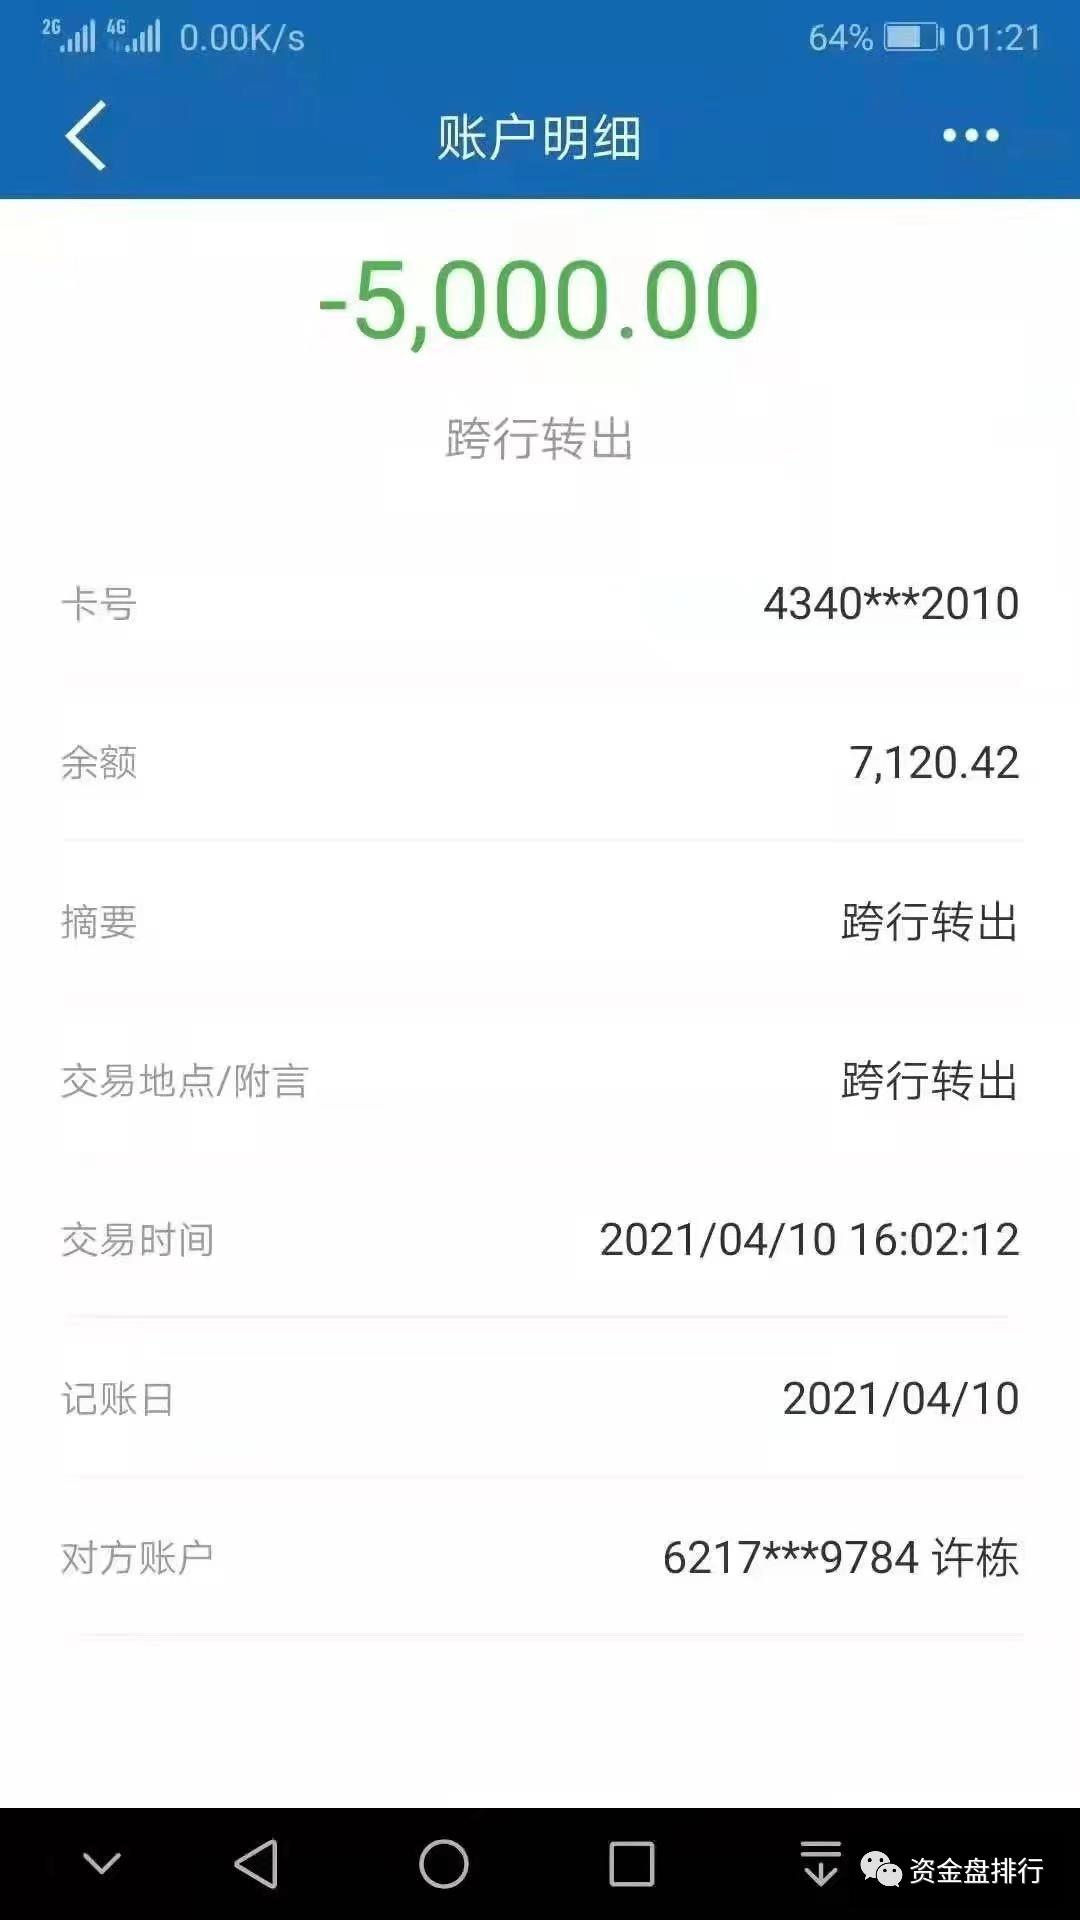 """【曝光】""""慈善币""""新项目刚启动,负责人就卷款跑路了!!!插图12"""